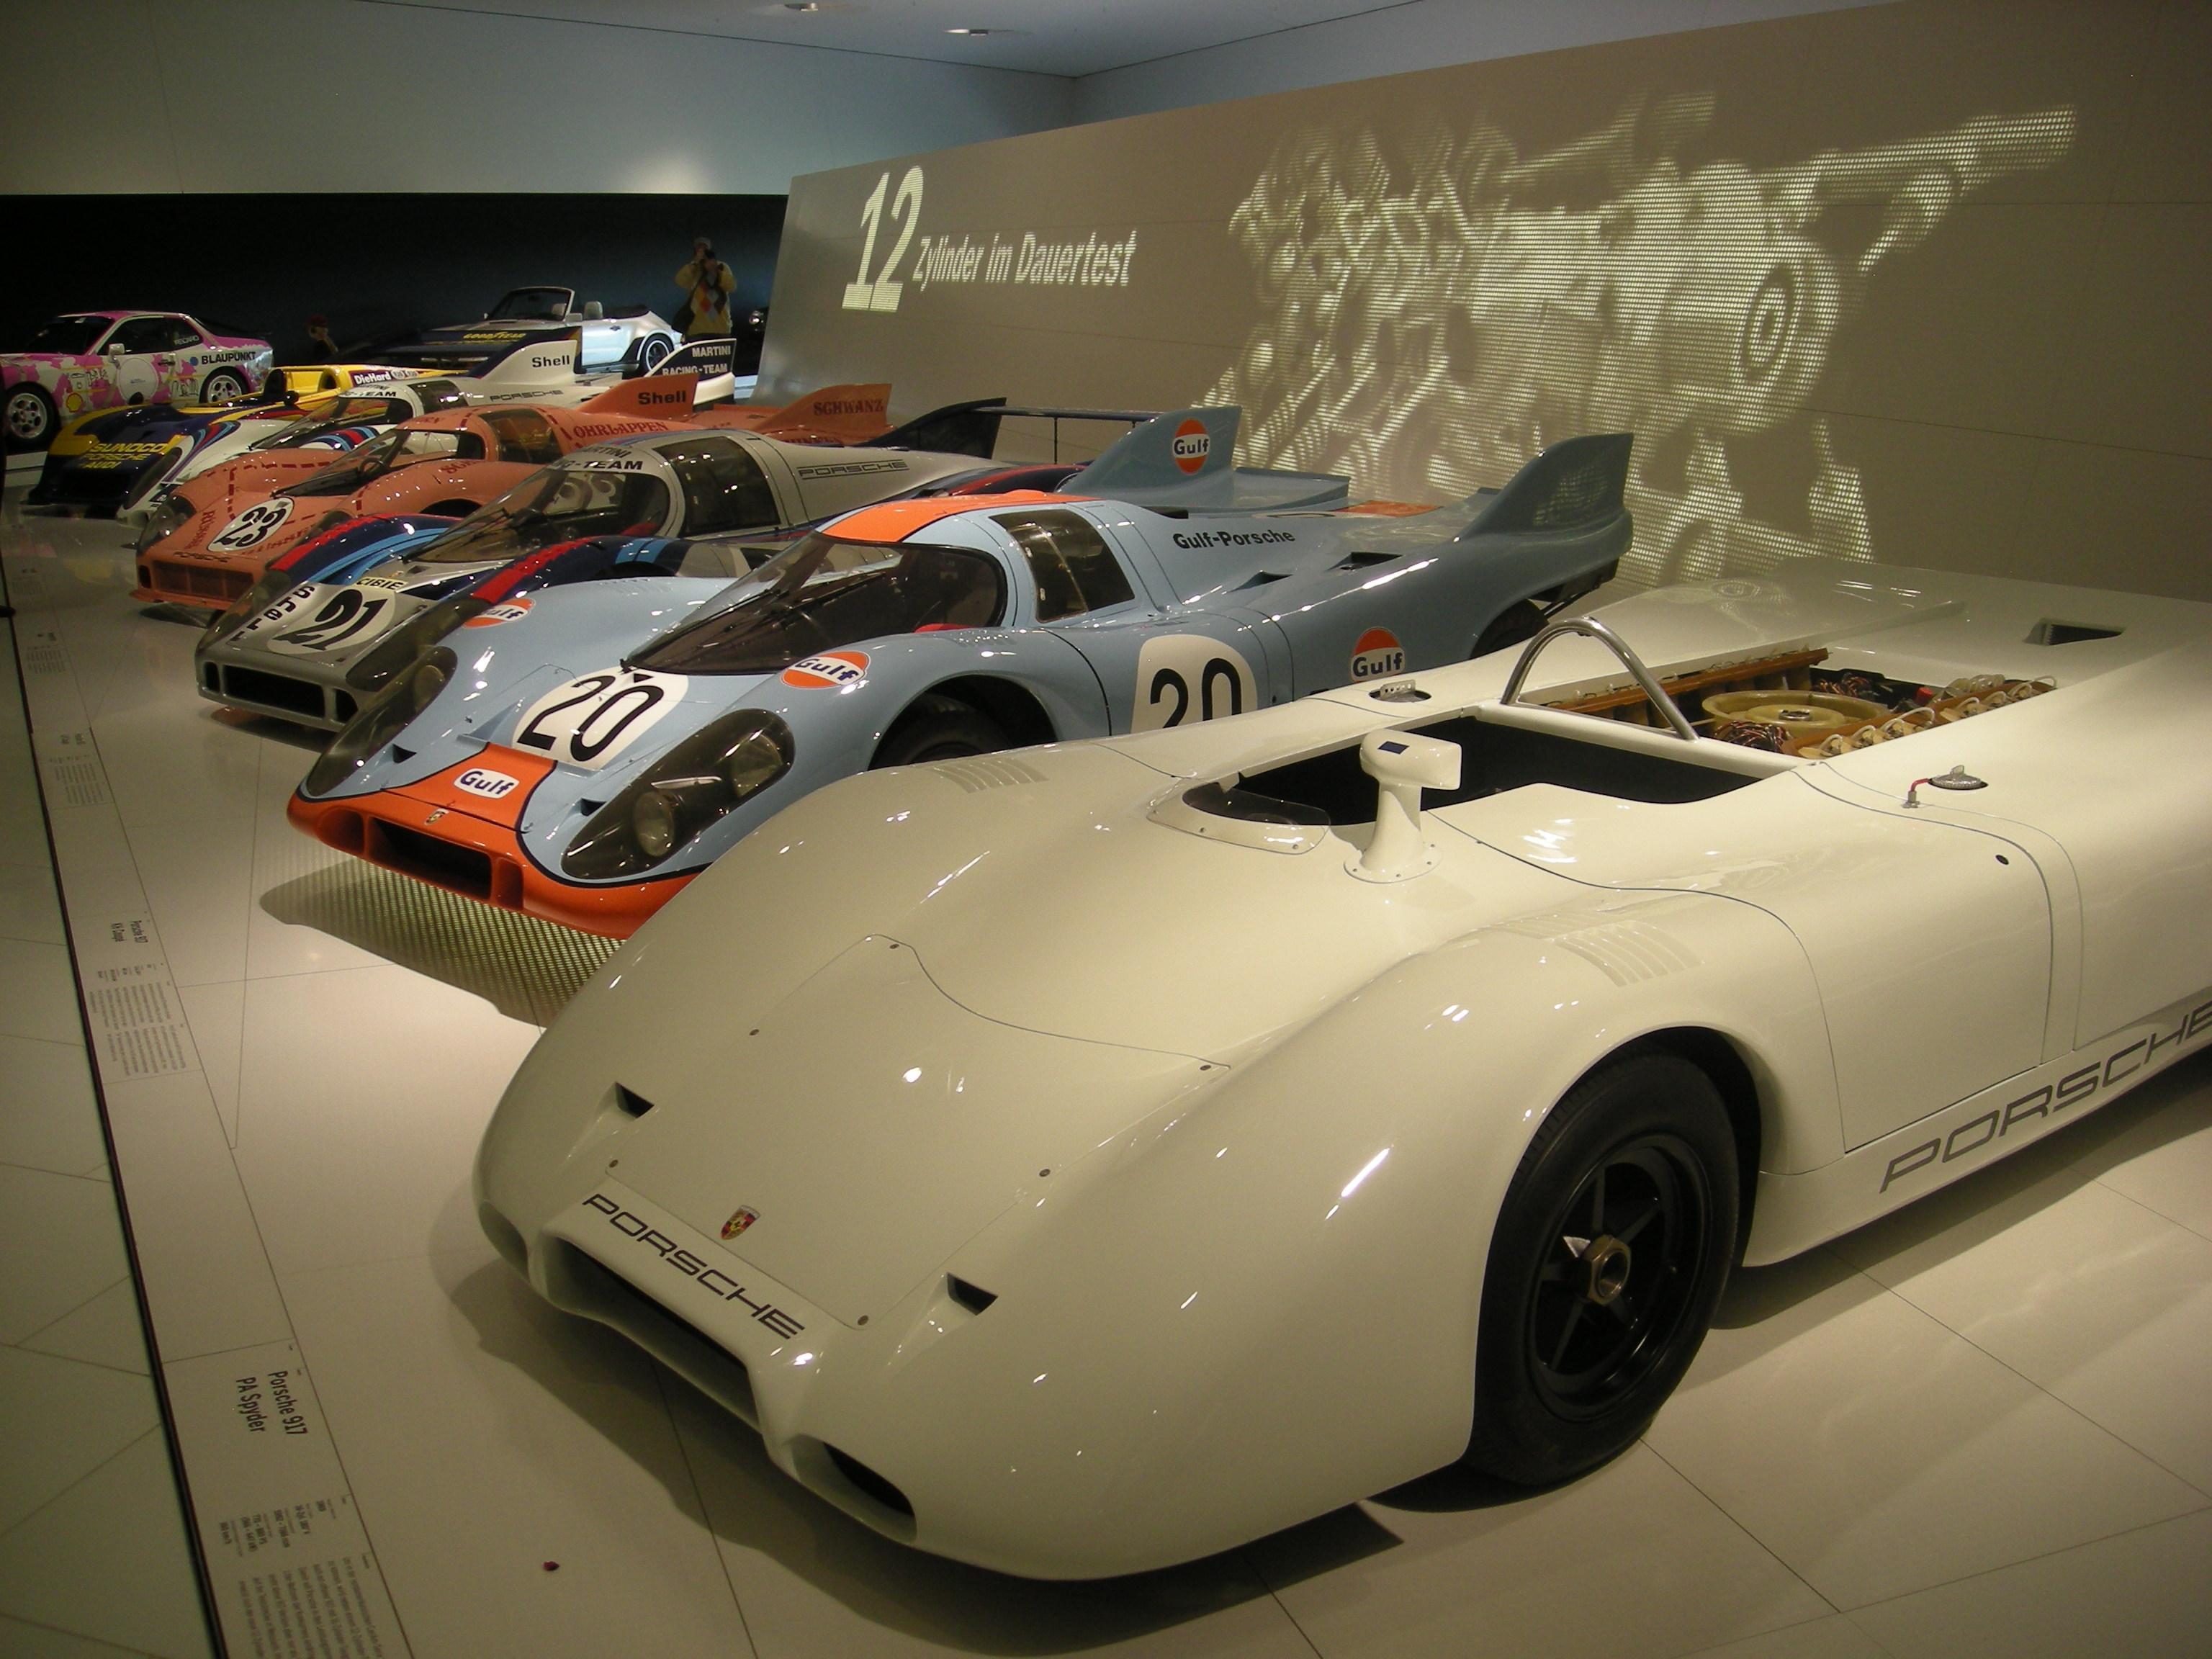 Porsche Museum Stuttgart >> File:Stuttgart Jul 2012 46 (Porsche Museum - Porsche racing cars).JPG - Wikimedia Commons